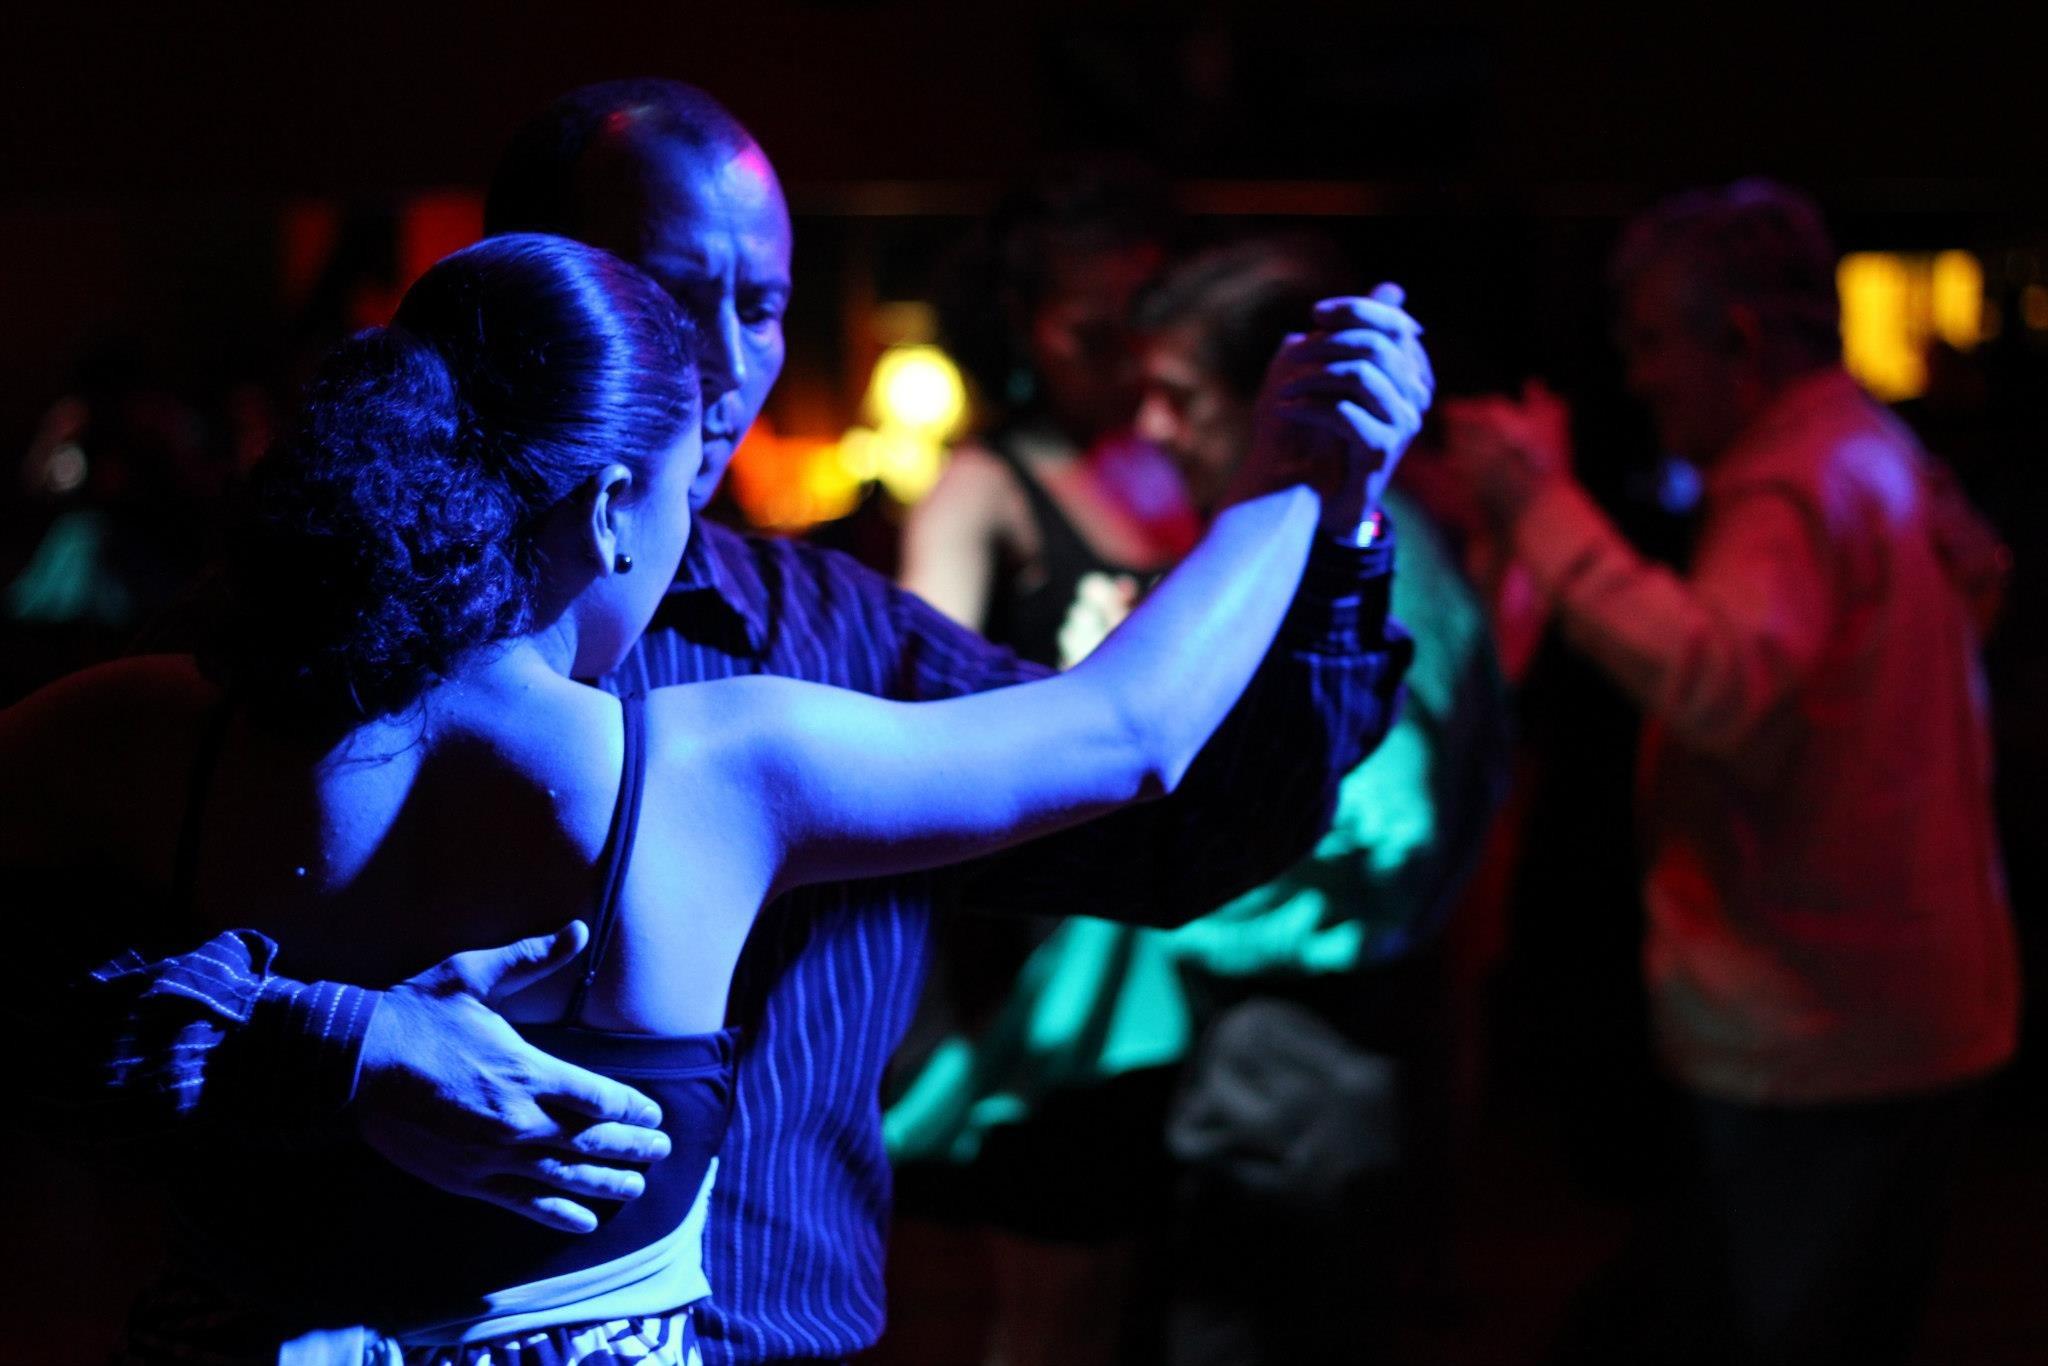 статье фото медленного танца в клубах яйцеклетки будет